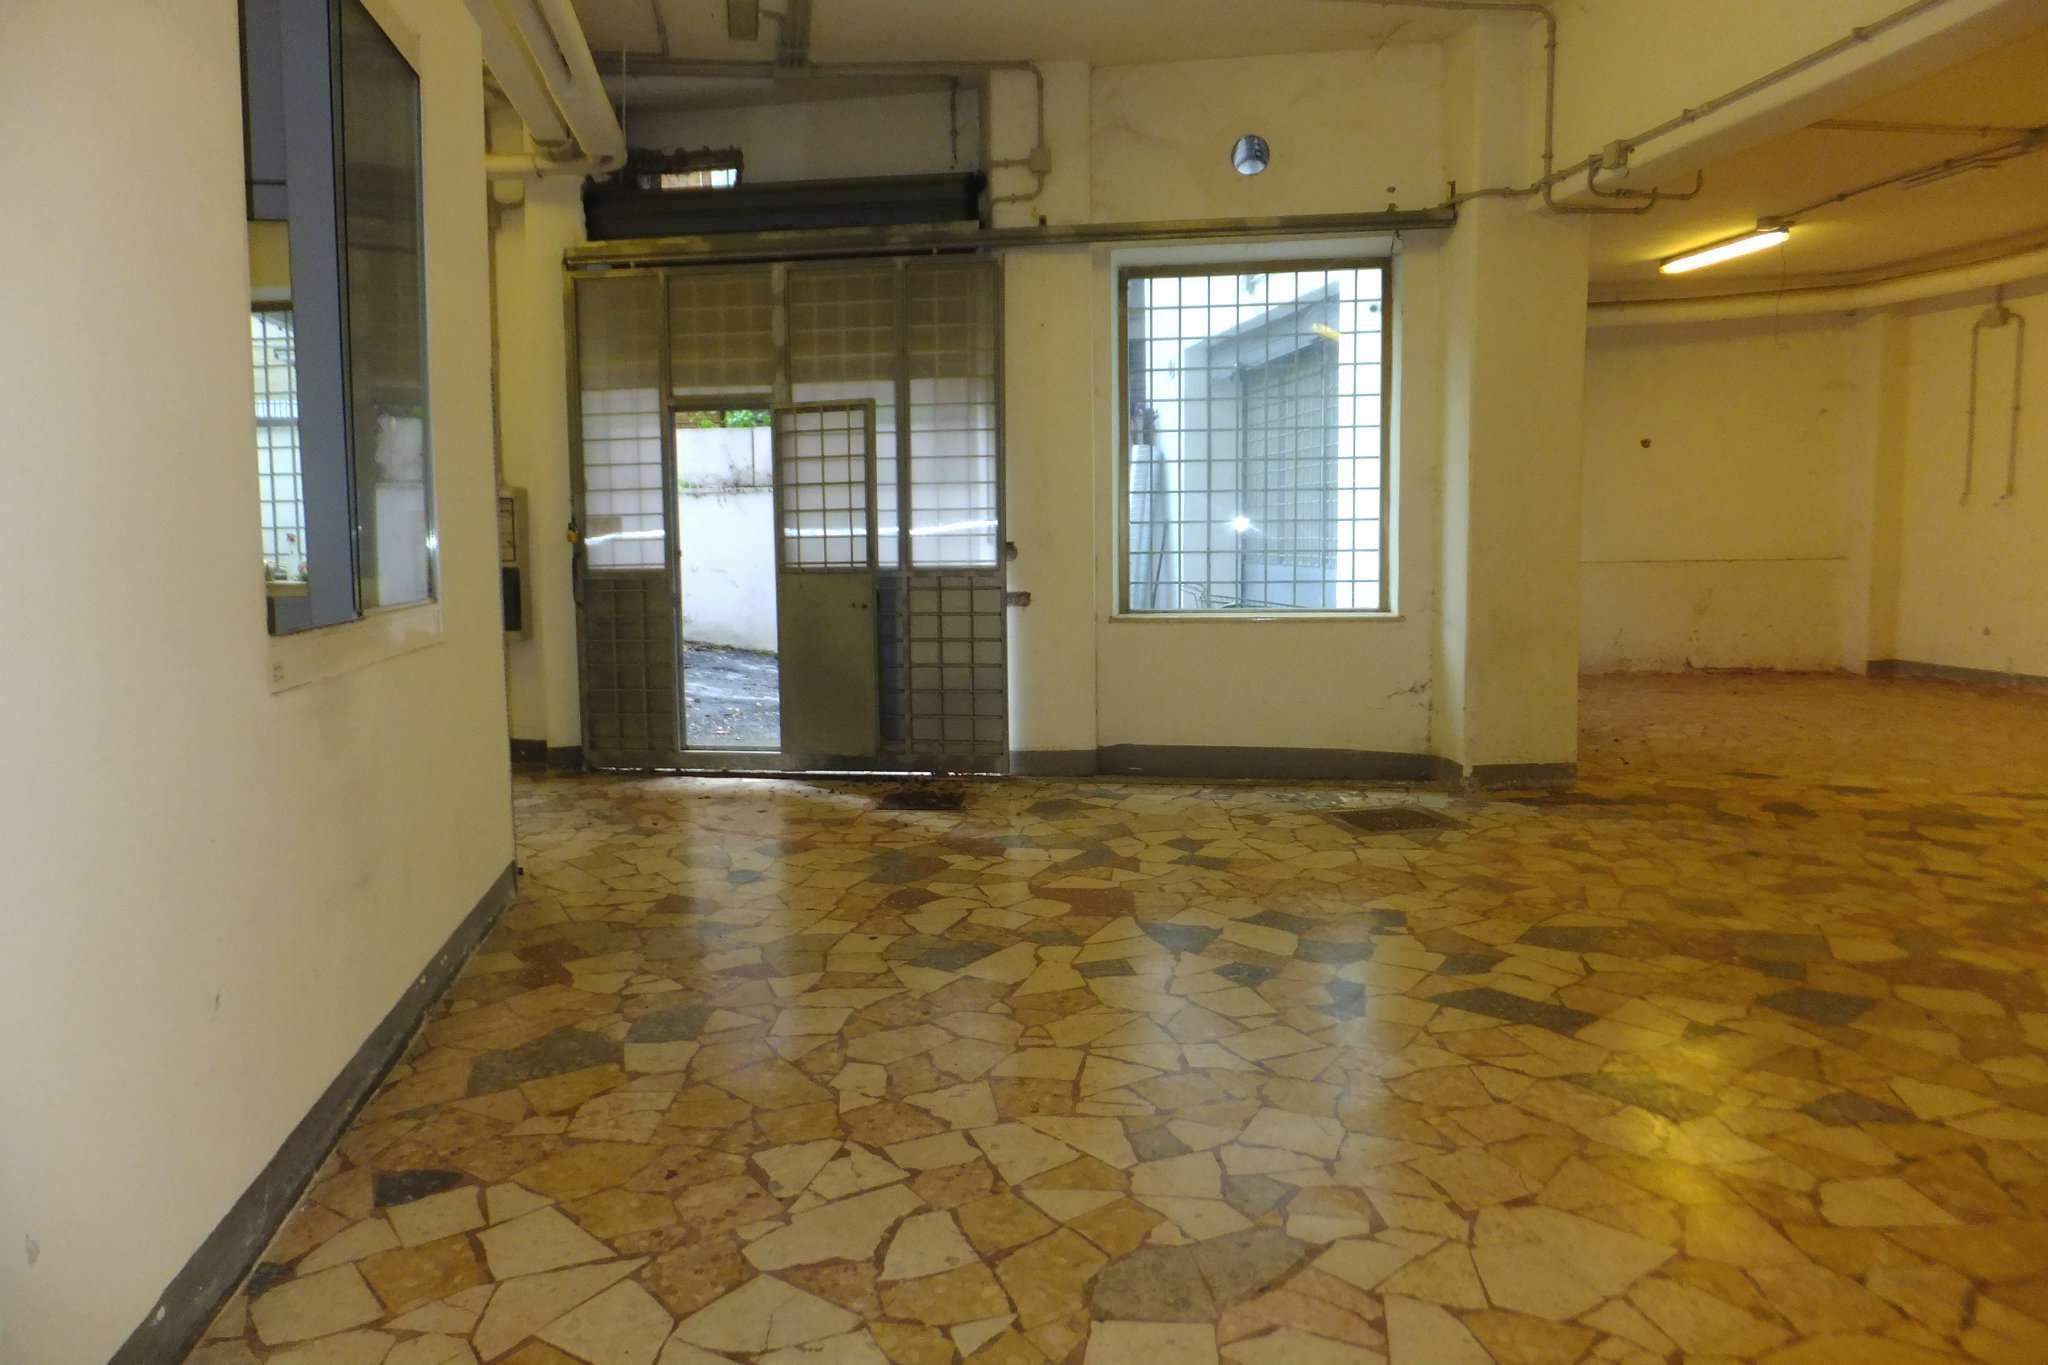 Magazzino in affitto a Roma, 1 locali, zona Zona: 24 . Gianicolense - Colli Portuensi - Monteverde, prezzo € 2.500 | CambioCasa.it